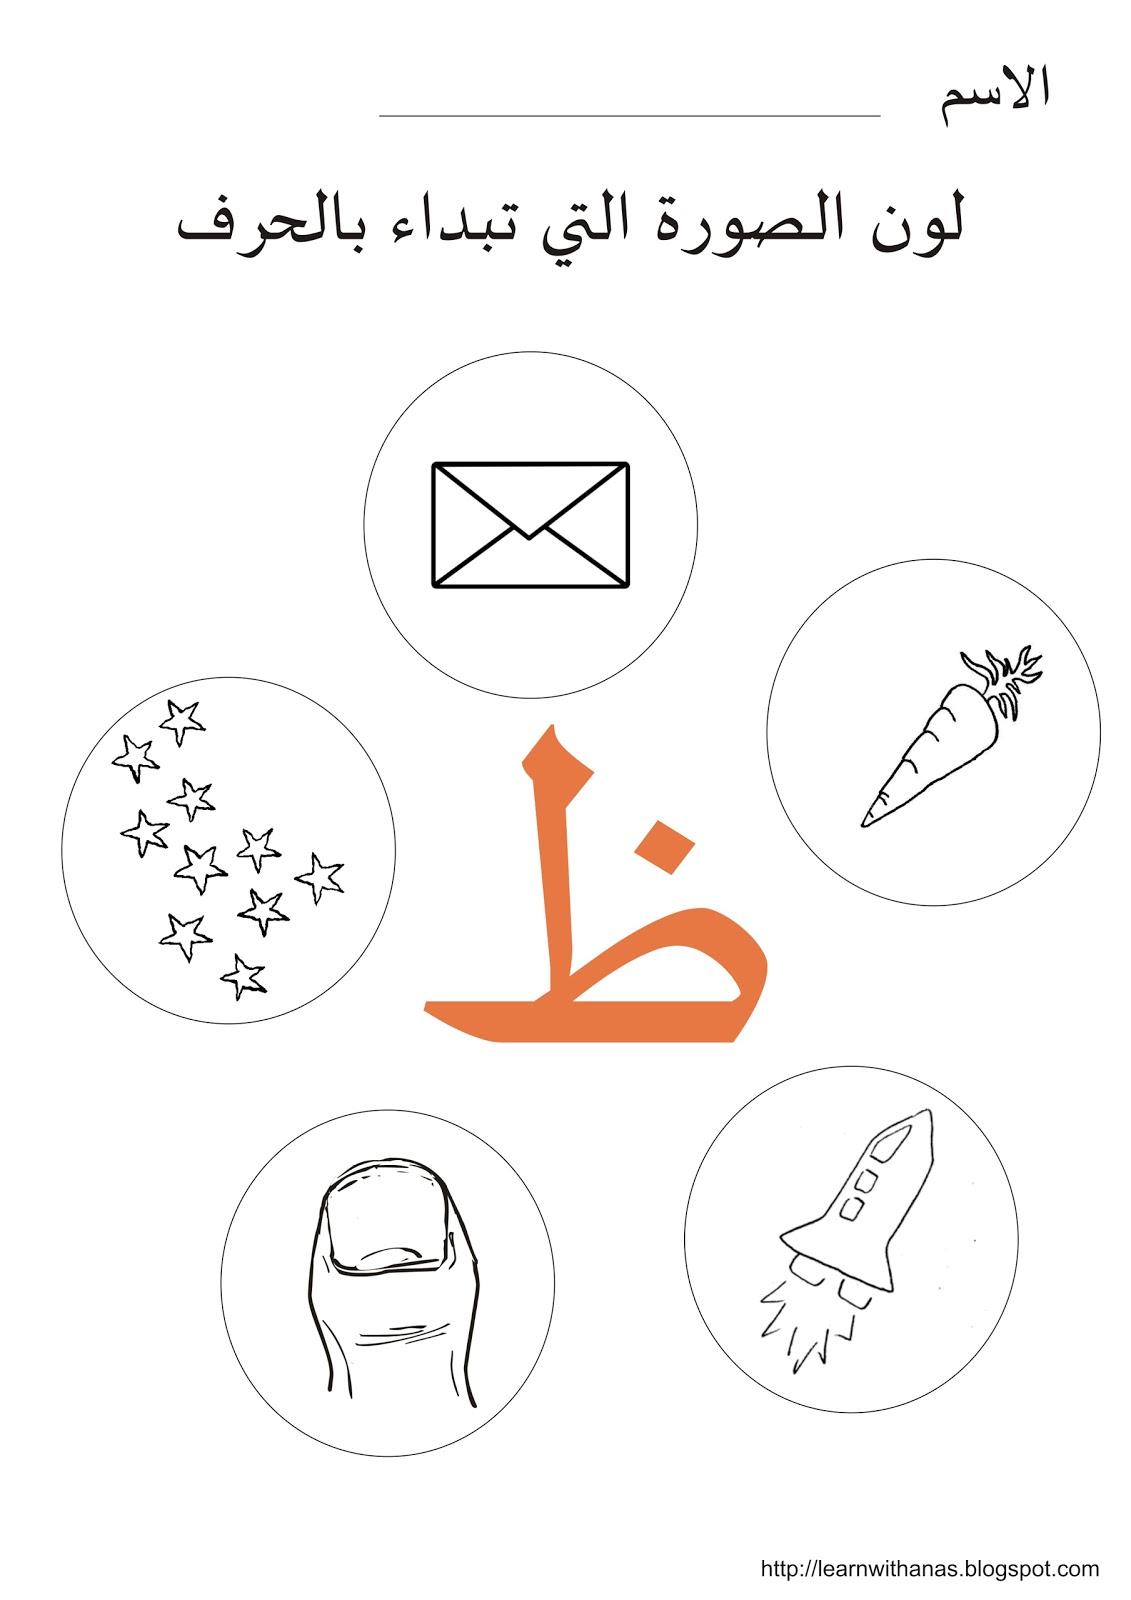 أكتب وتتبع ولون الحرف ظ | تعلم مع أنس: http://learnwithanas.blogspot.com/2012/03/blog-post_22.html#!